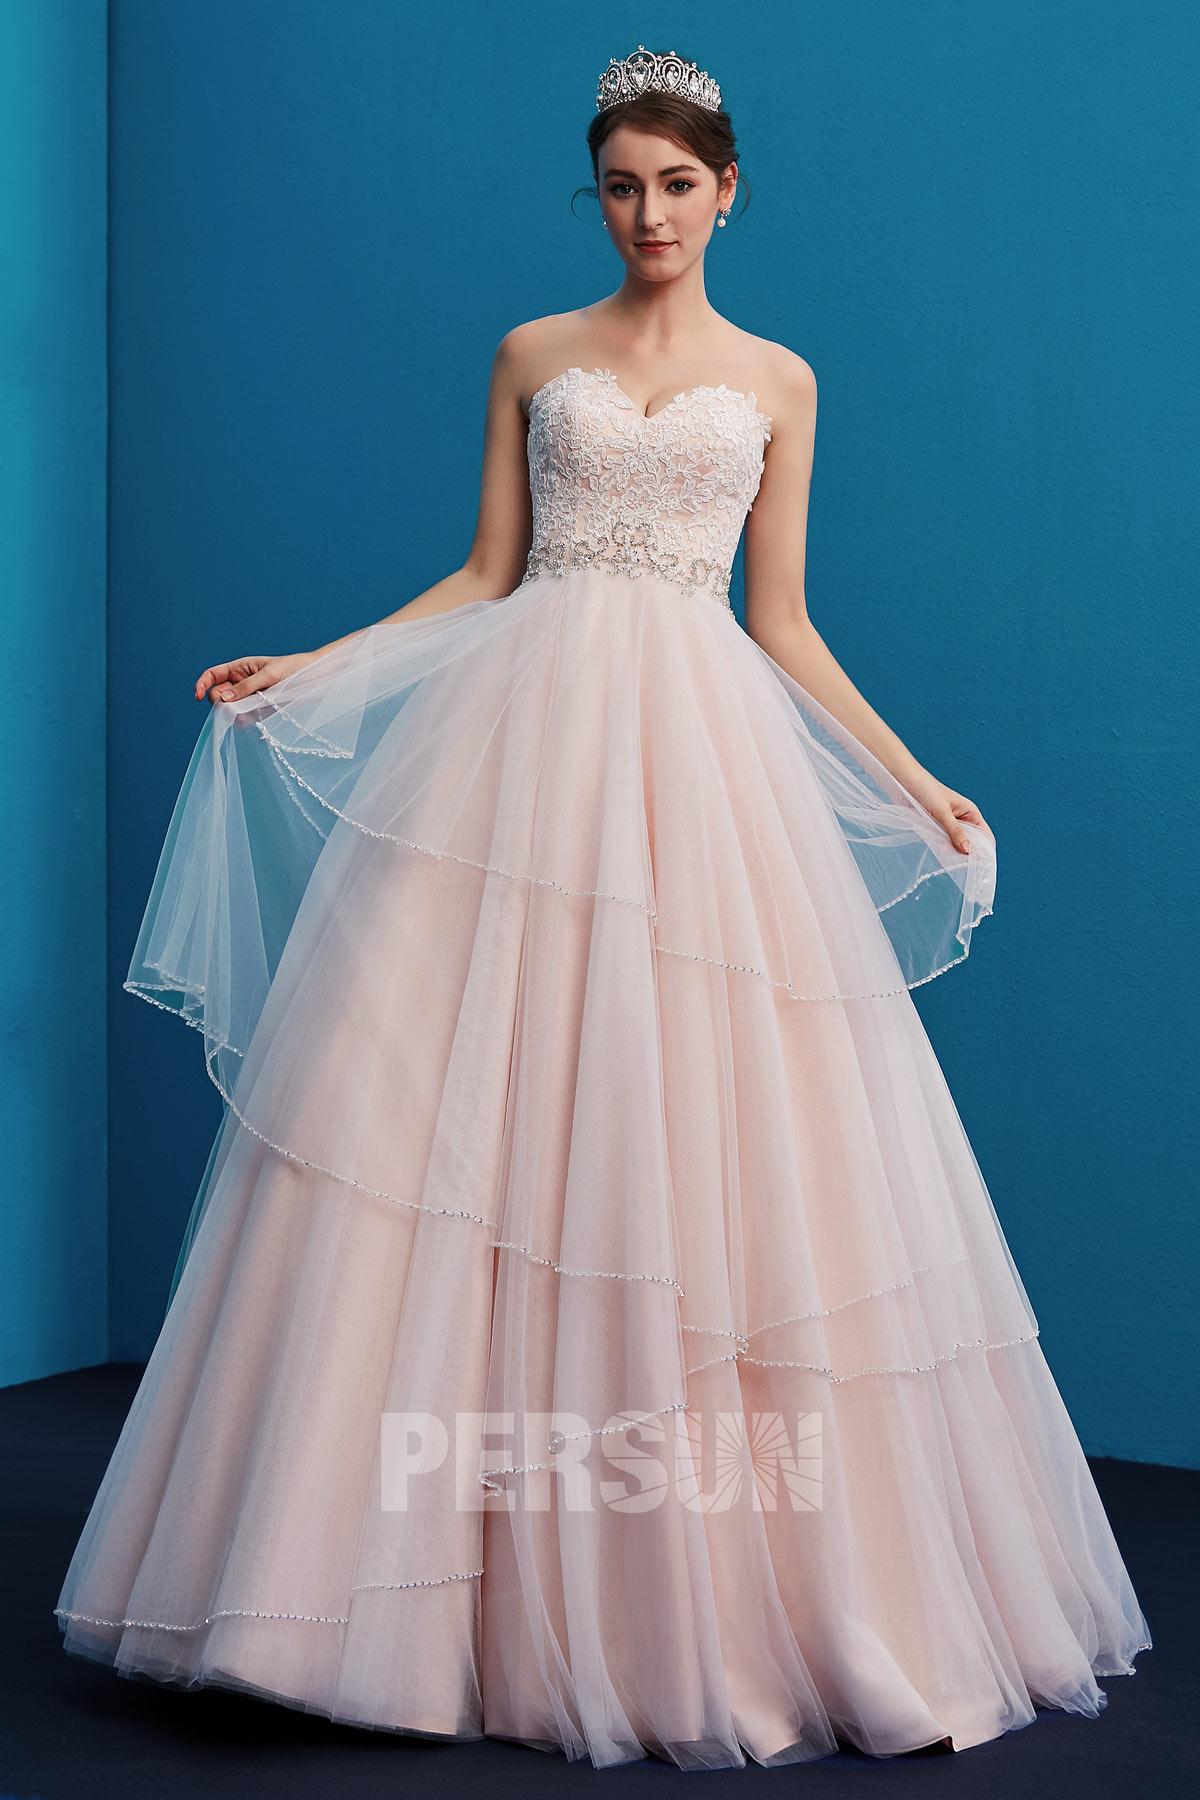 robe de mariée rose pâle bustier coeur en dentelle guipure jupe à volants